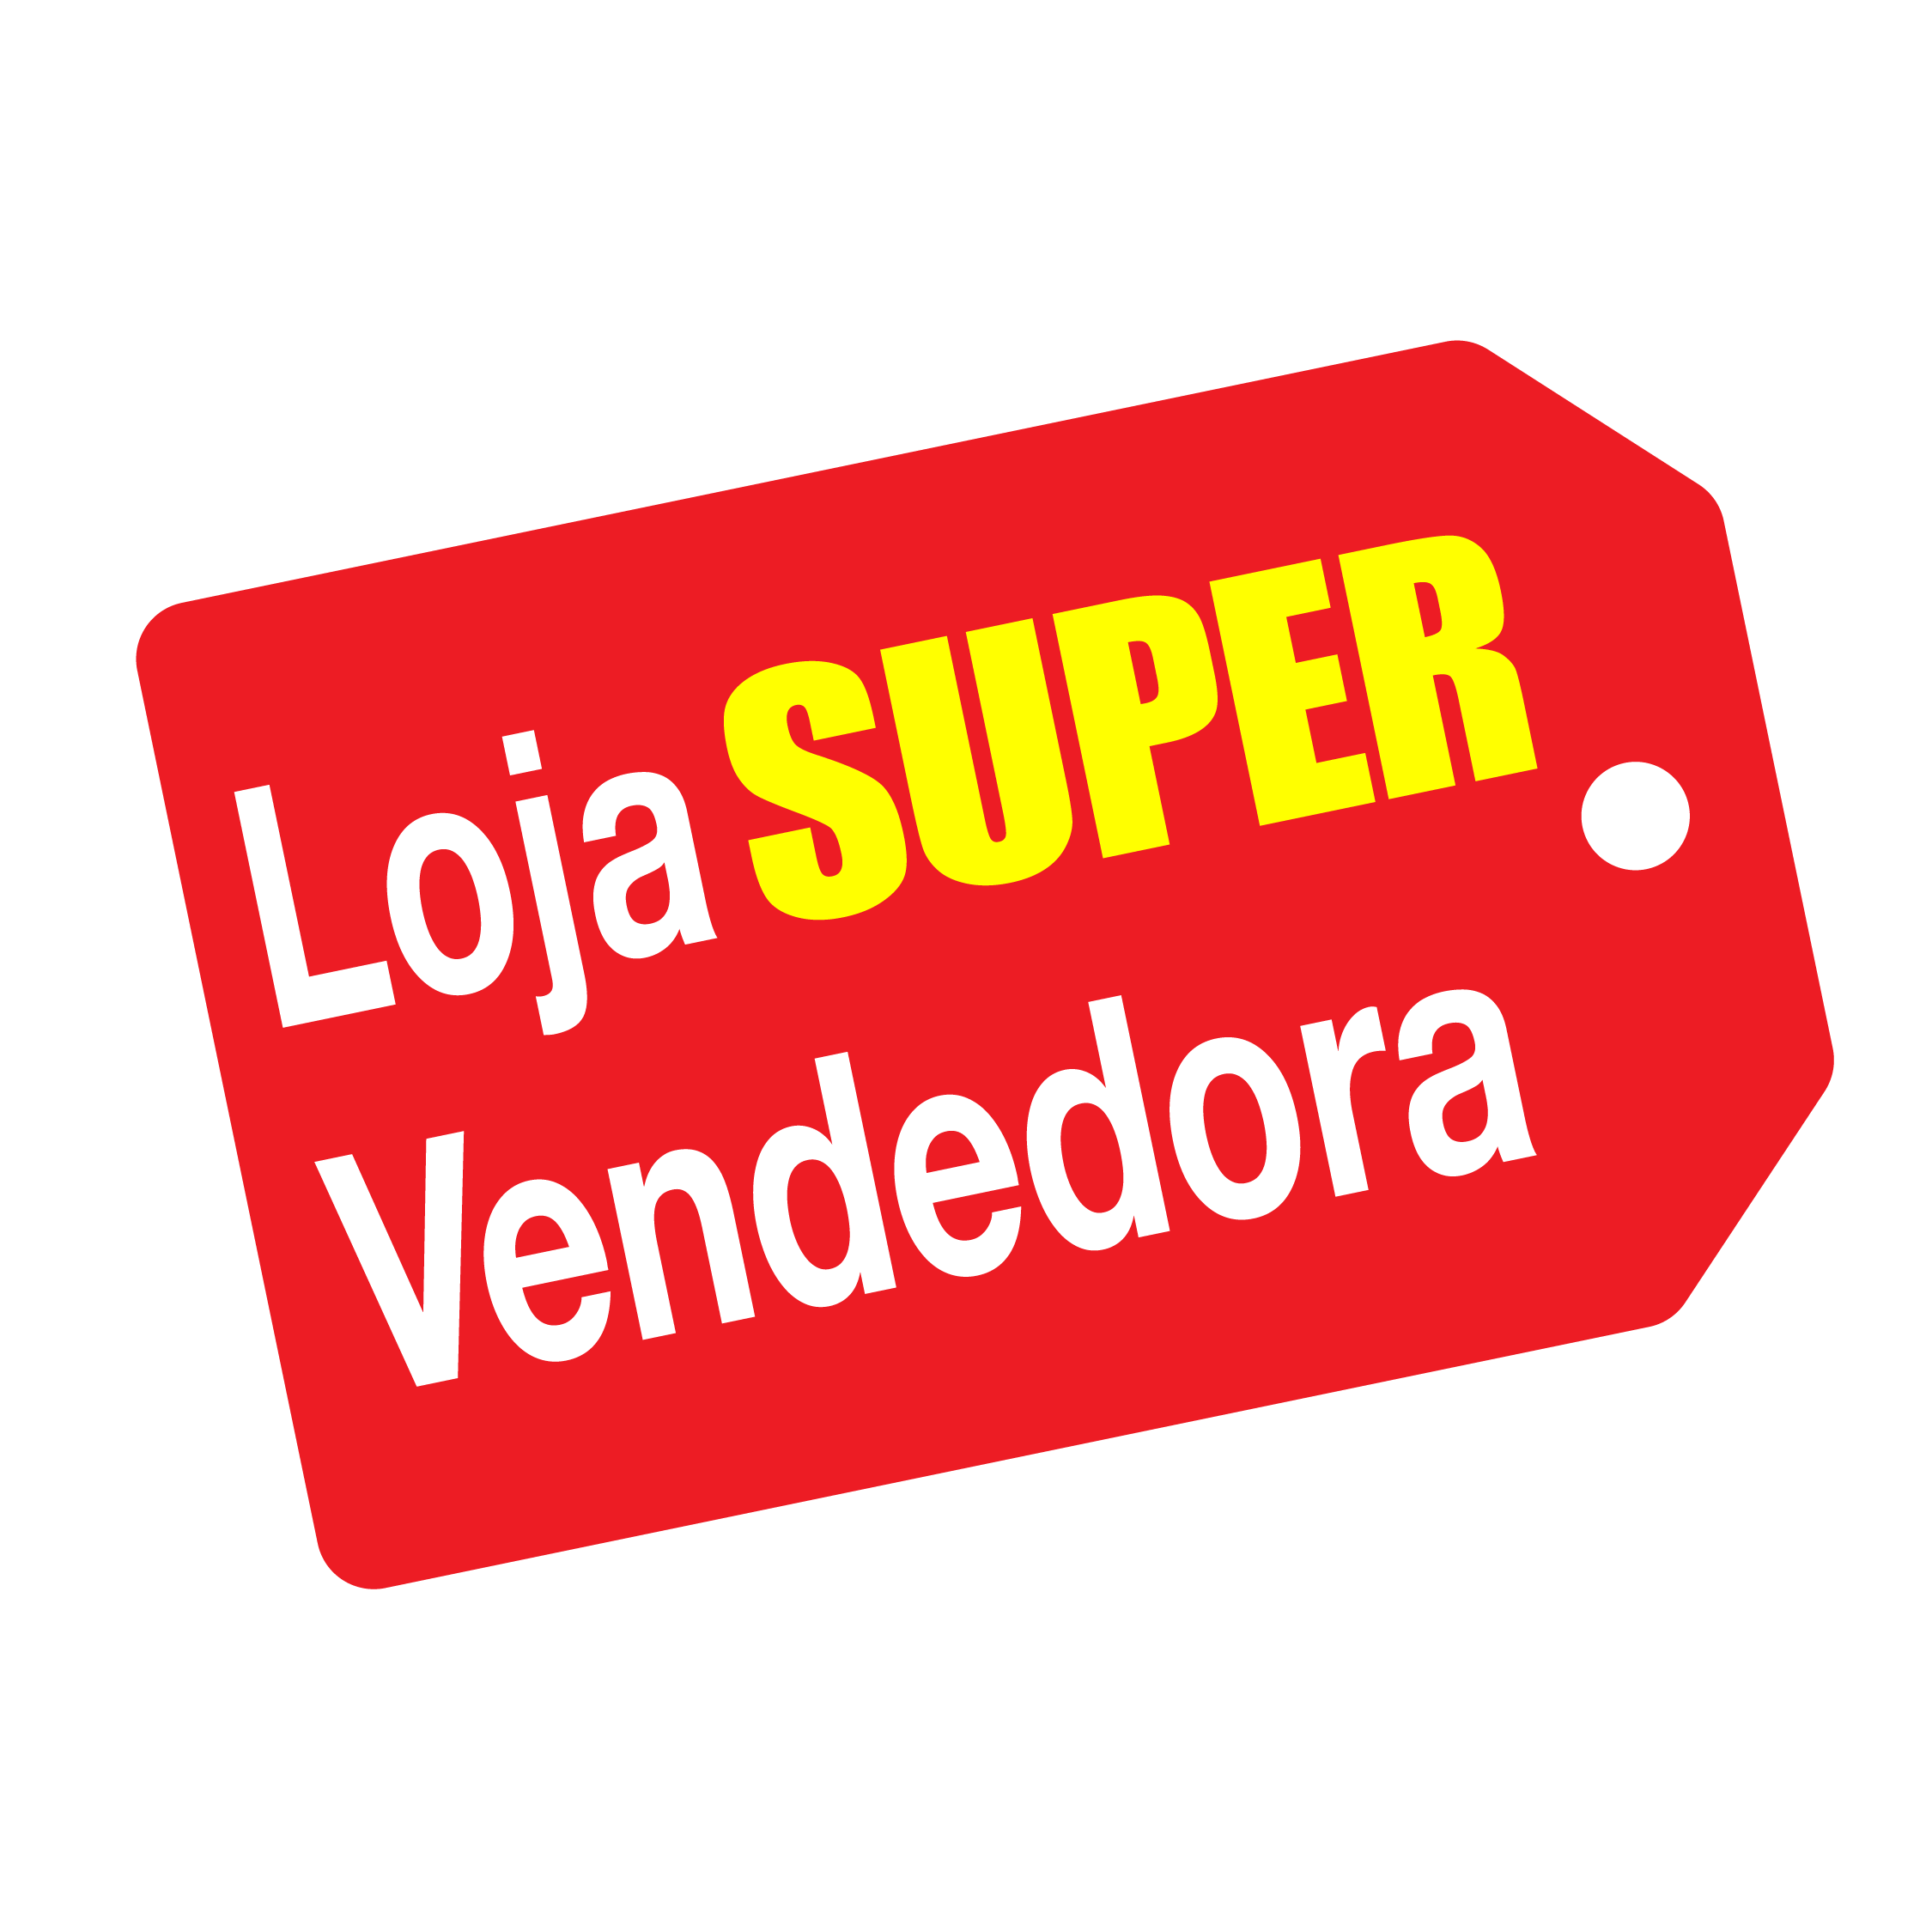 Loja Super Vendedora